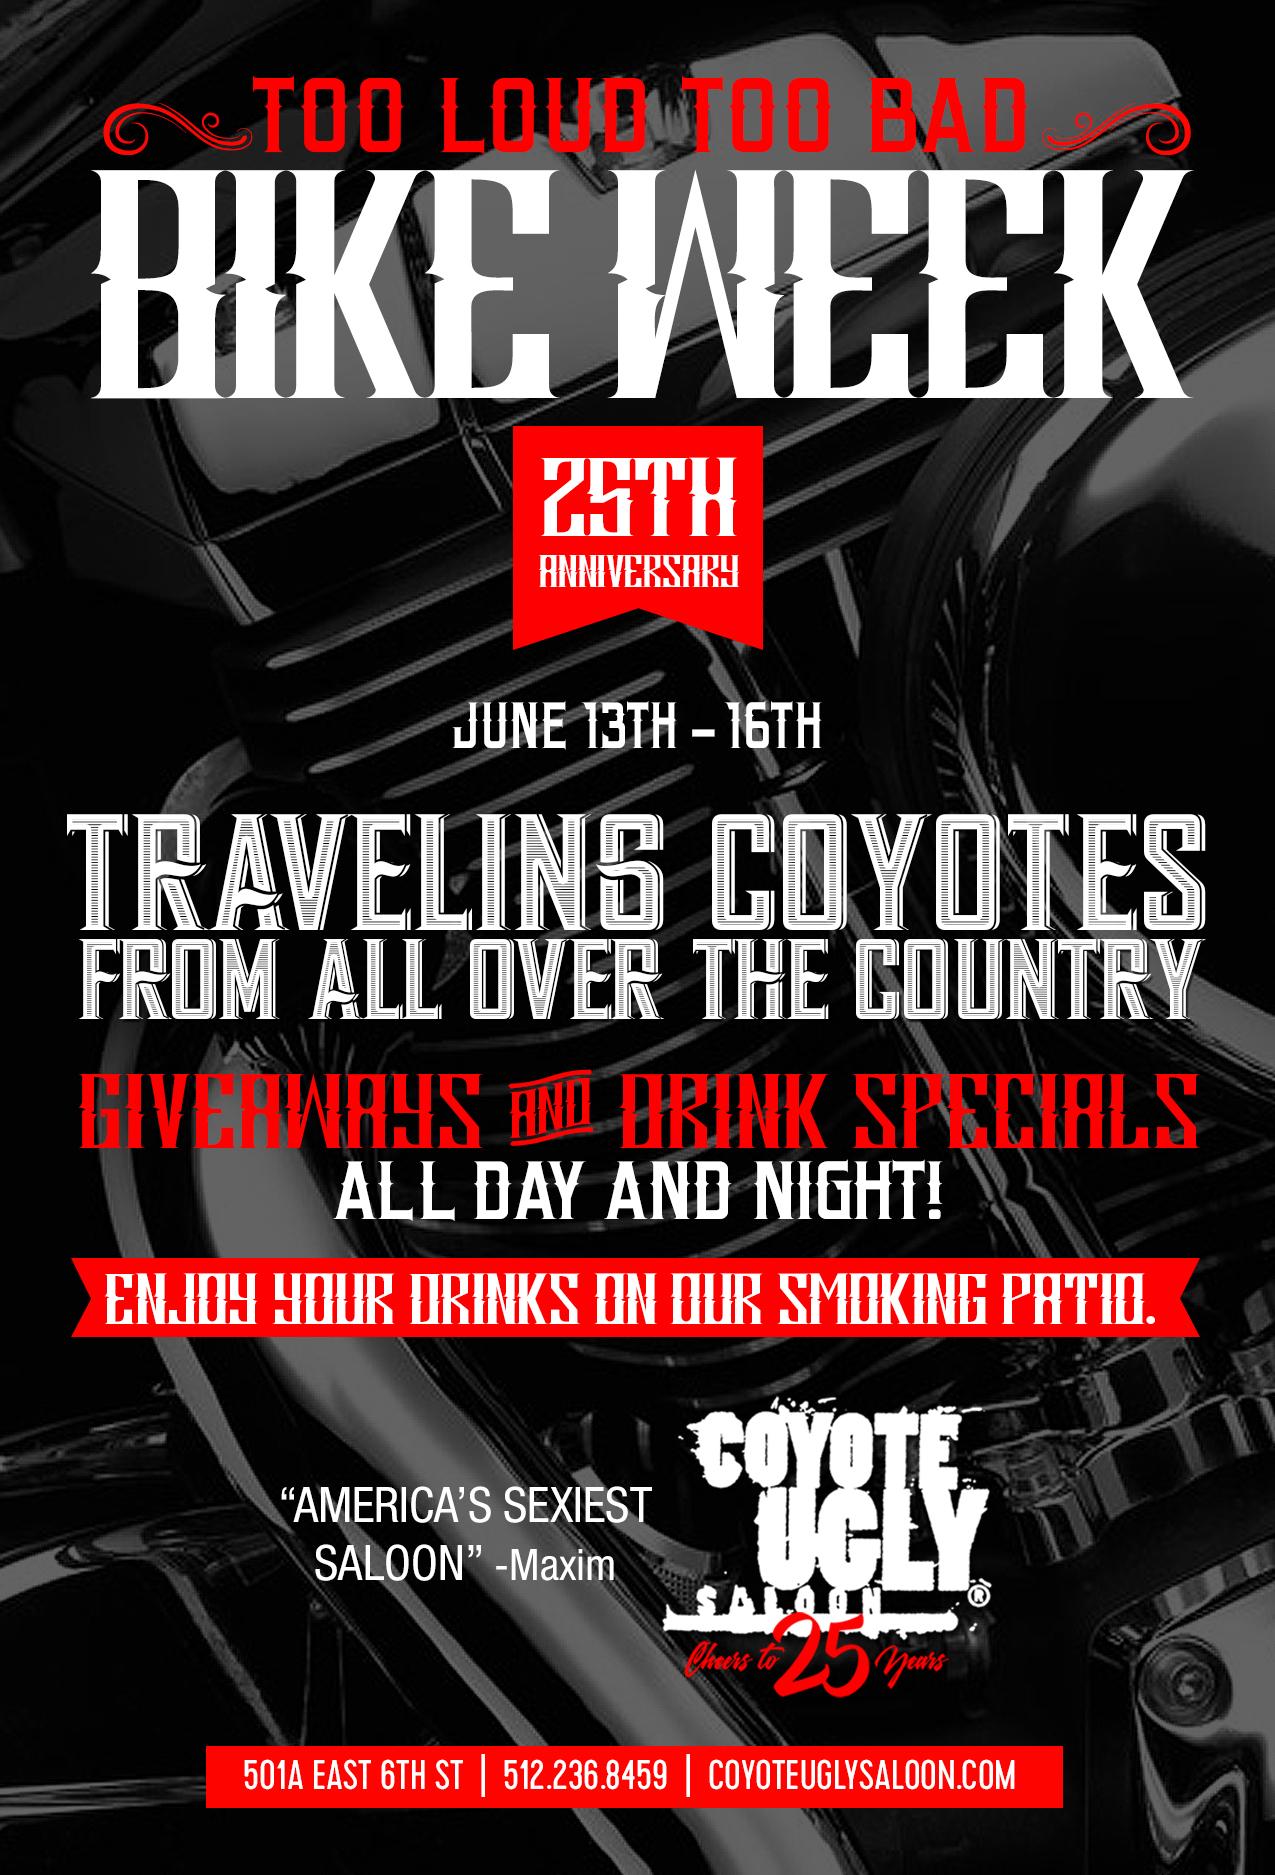 Bike Week 25th Anniversary in Austin on June 13, 2019 - June 16, 2019